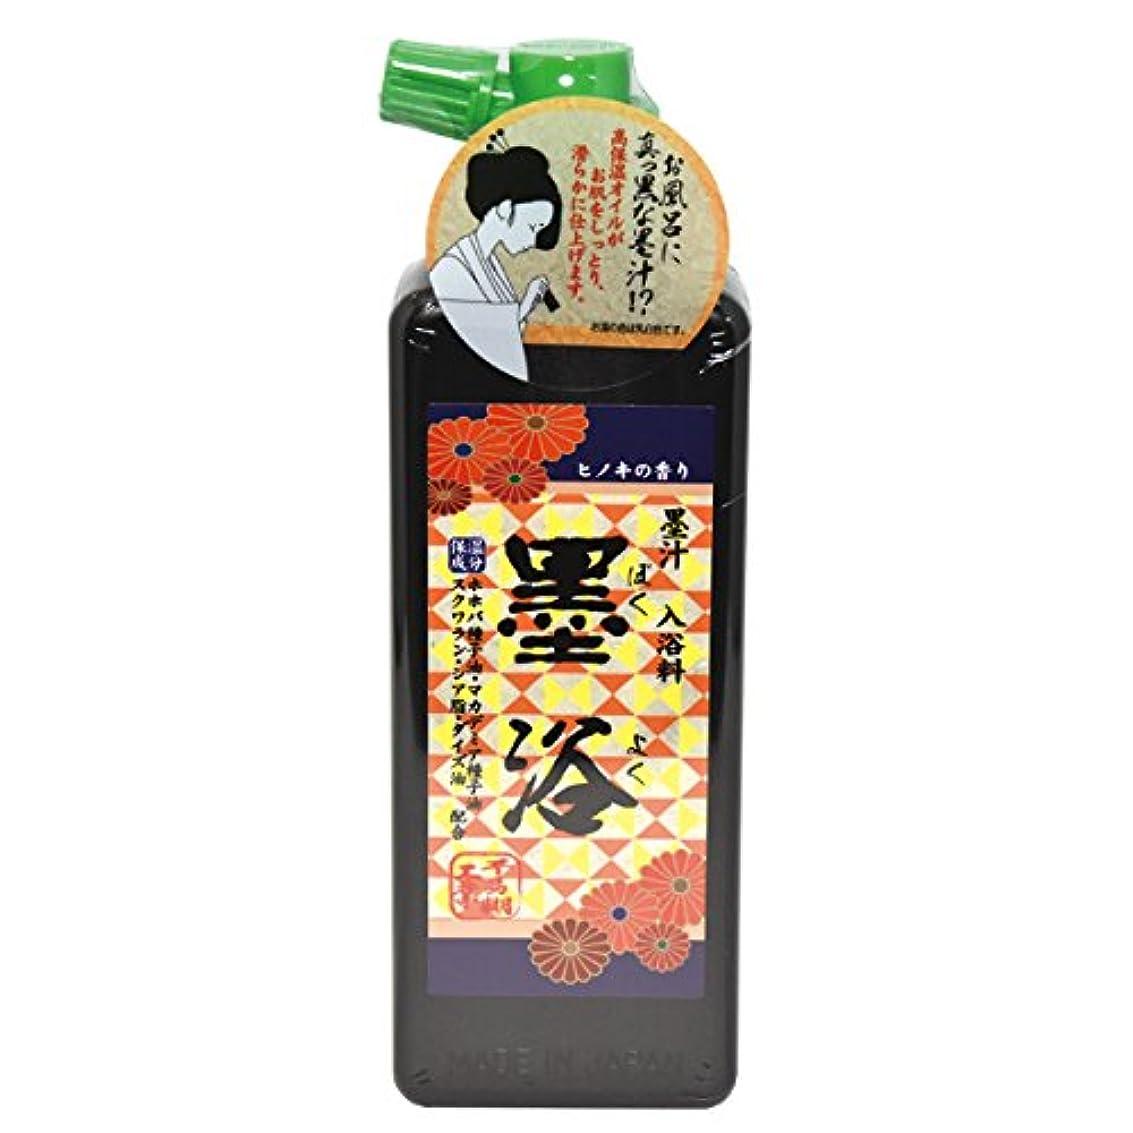 面積衝動看板墨浴 ぼくよく 入浴料 ヒノキの香り 不易糊工業 BY20